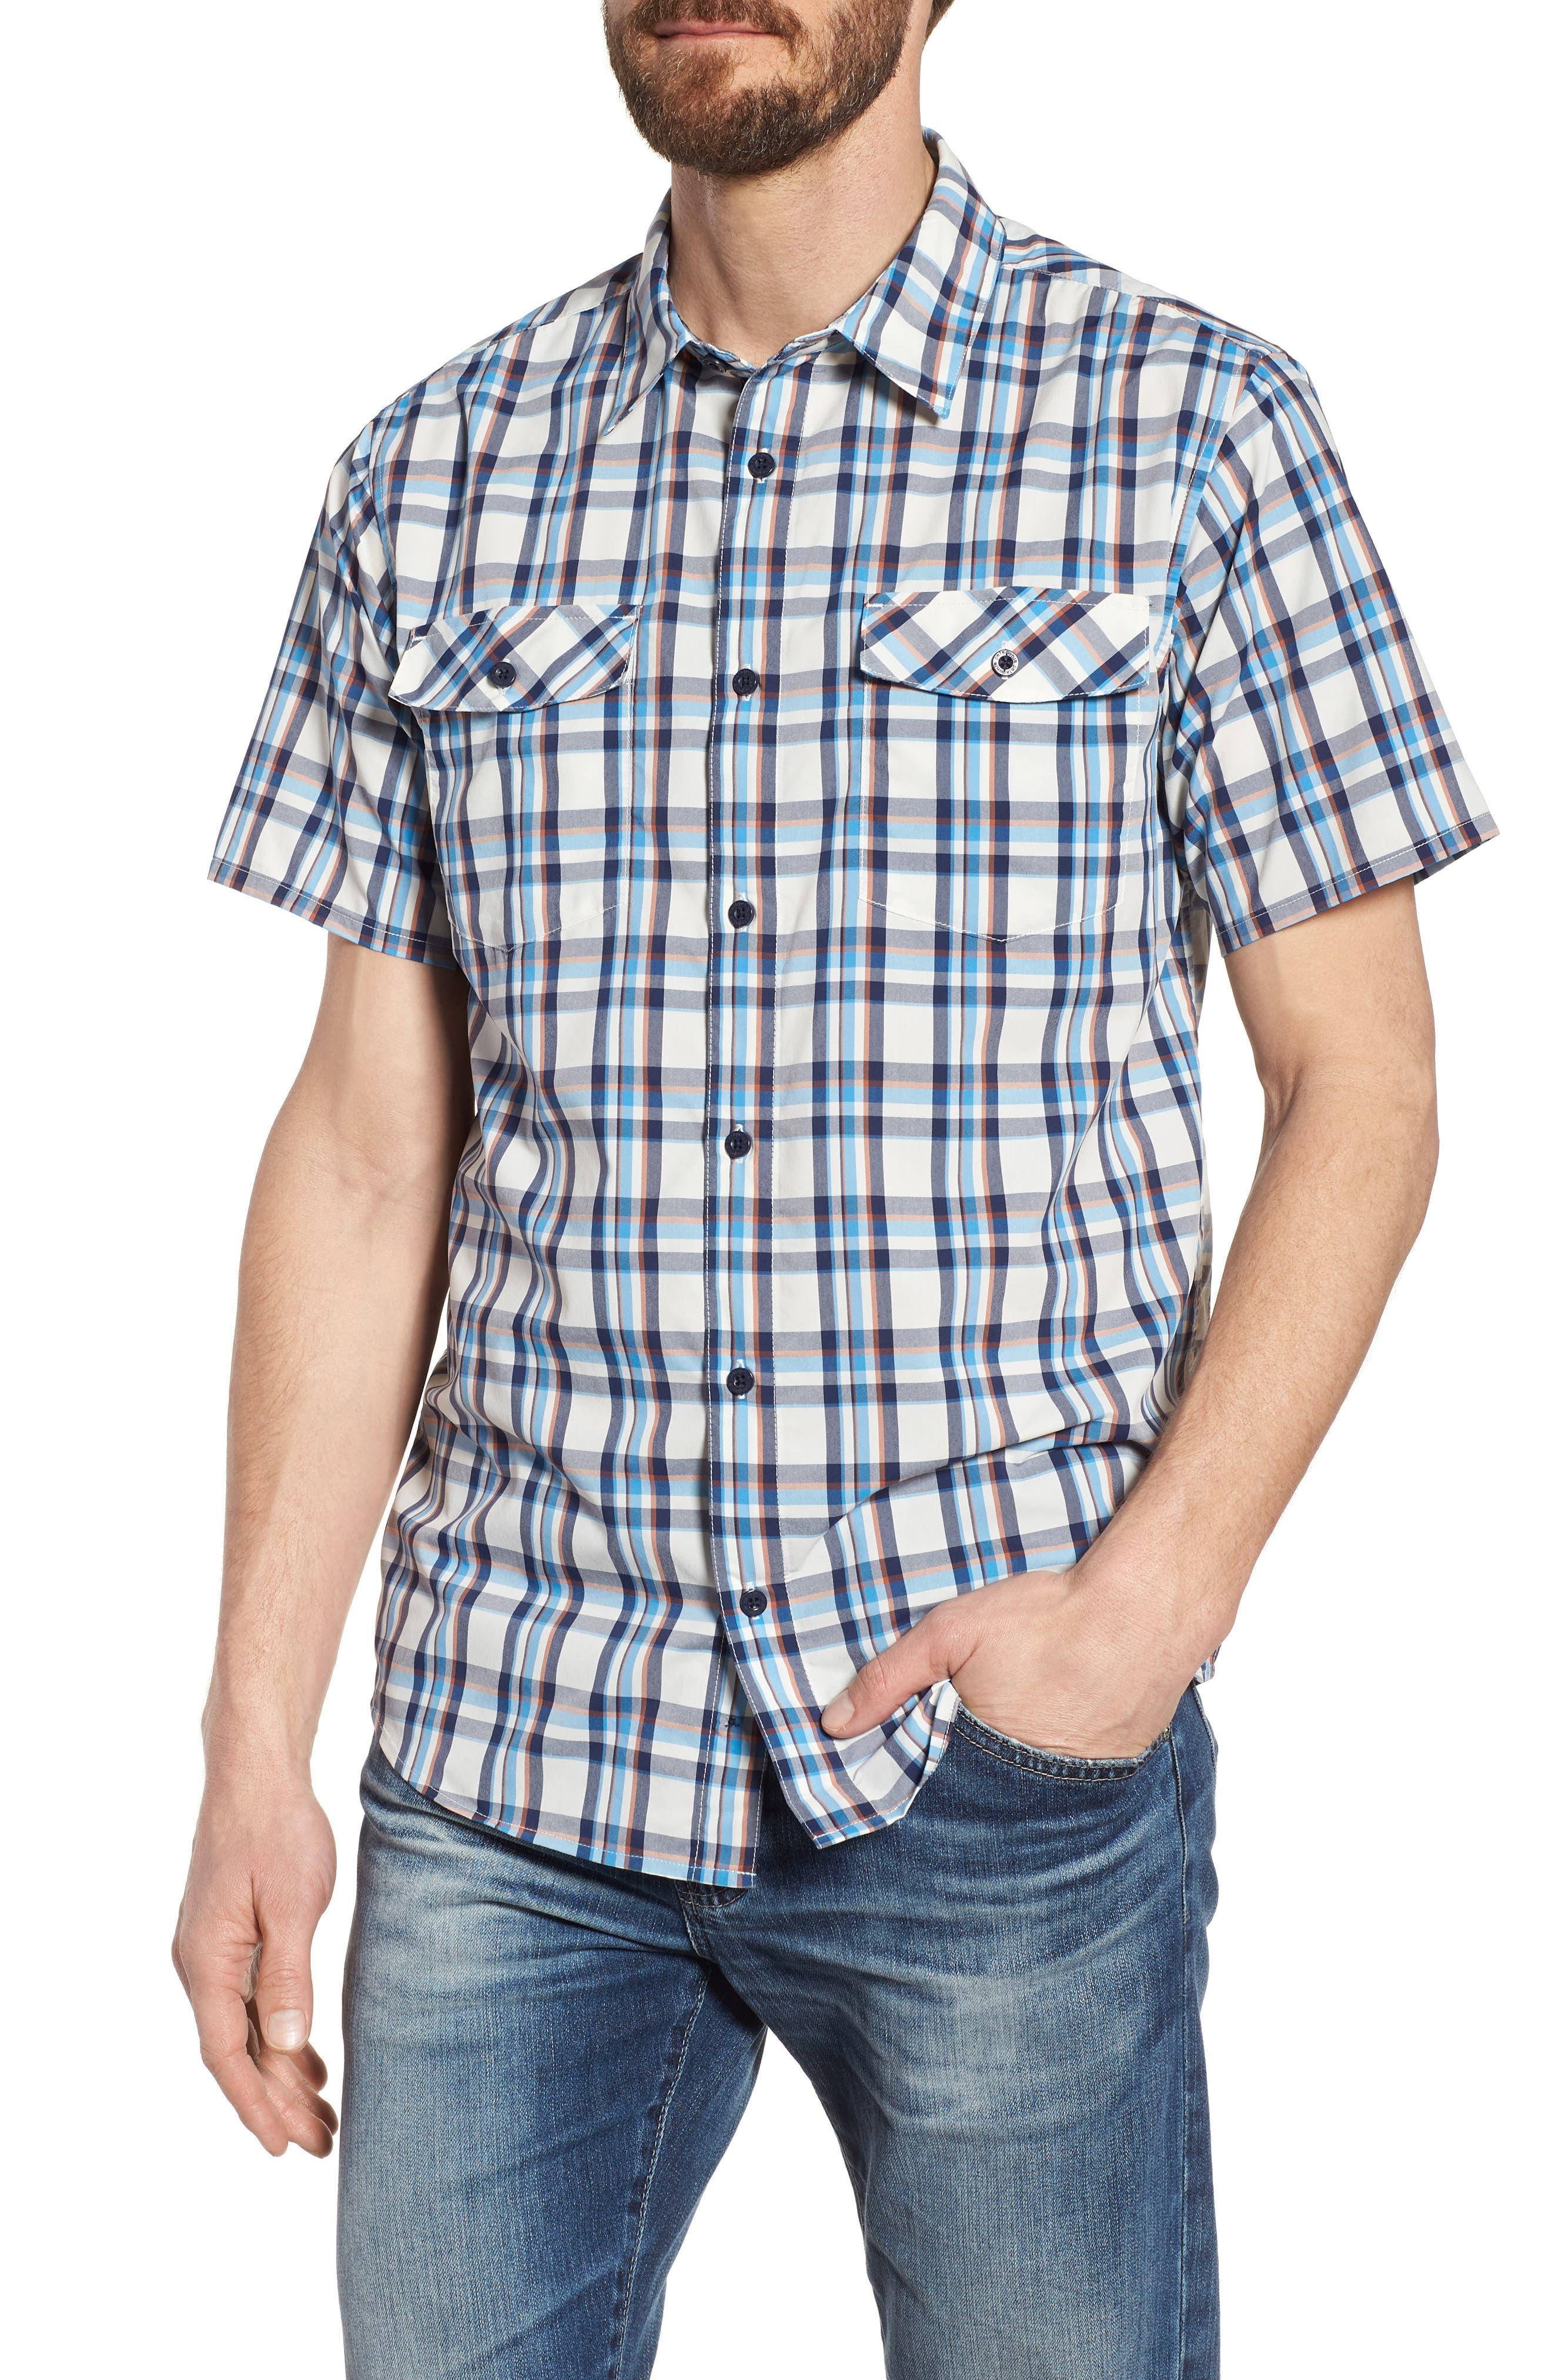 High Moss Regular Fit Short Sleeve Sport Shirt,                             Main thumbnail 1, color,                             Anchor/ Birch White